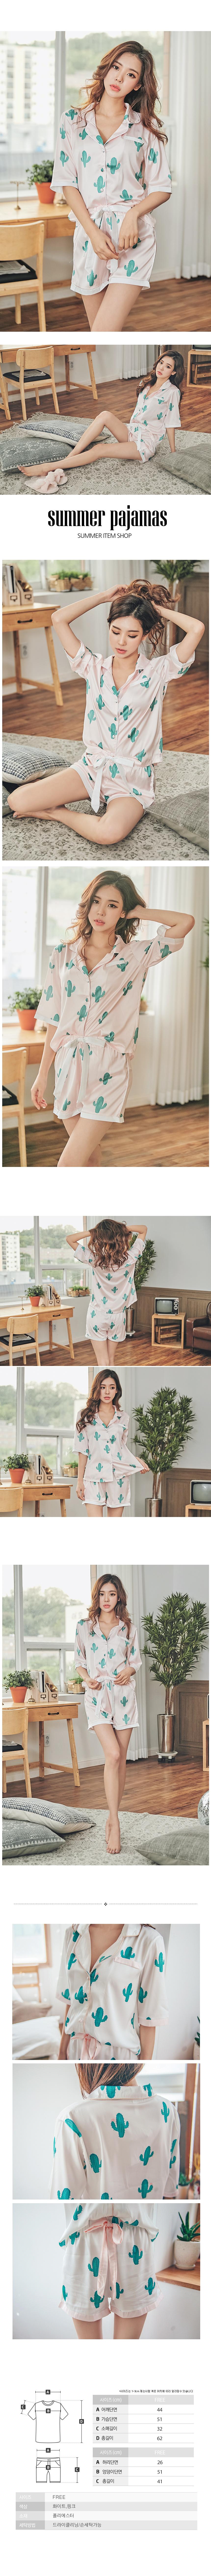 여름 선인장 실크 잠옷 - 로로걸, 27,900원, 잠옷, 여성파자마